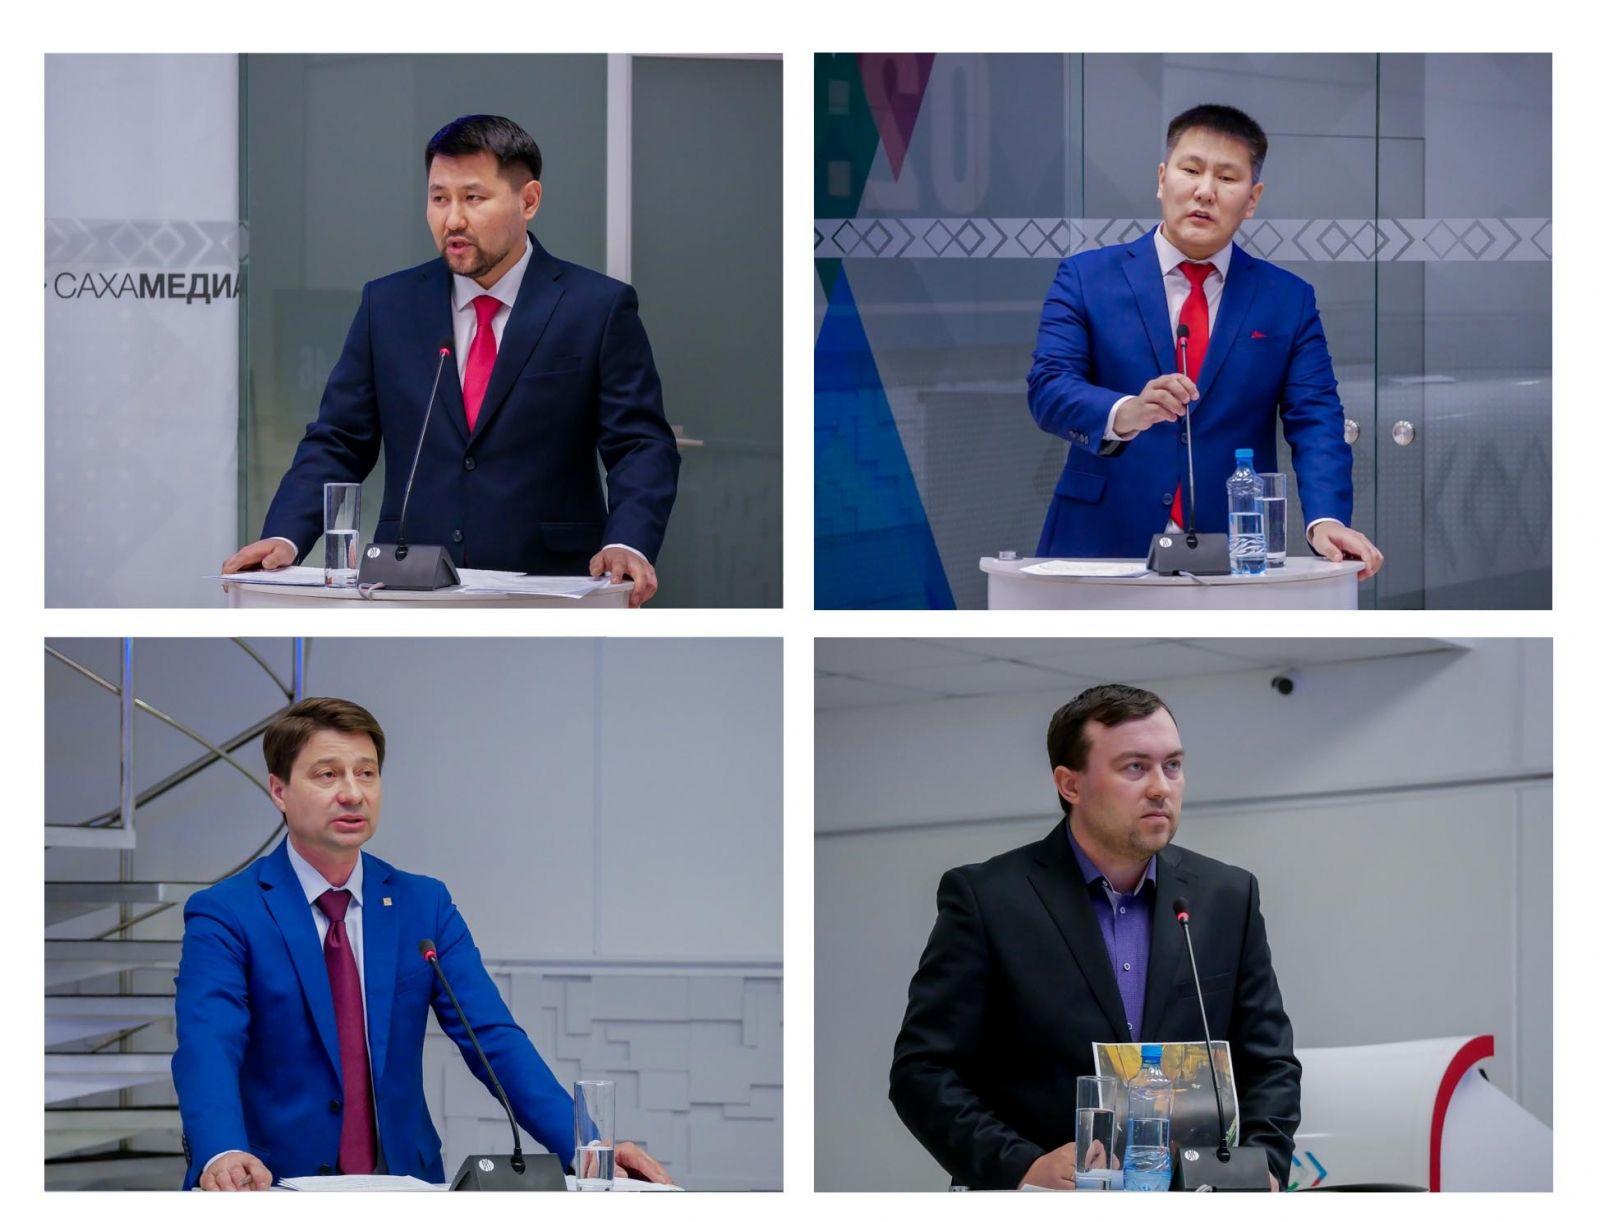 Дебаты «Сахамедиа»: кандидаты в мэры Якутска рассказали, как будут решать проблемы ЖКХ